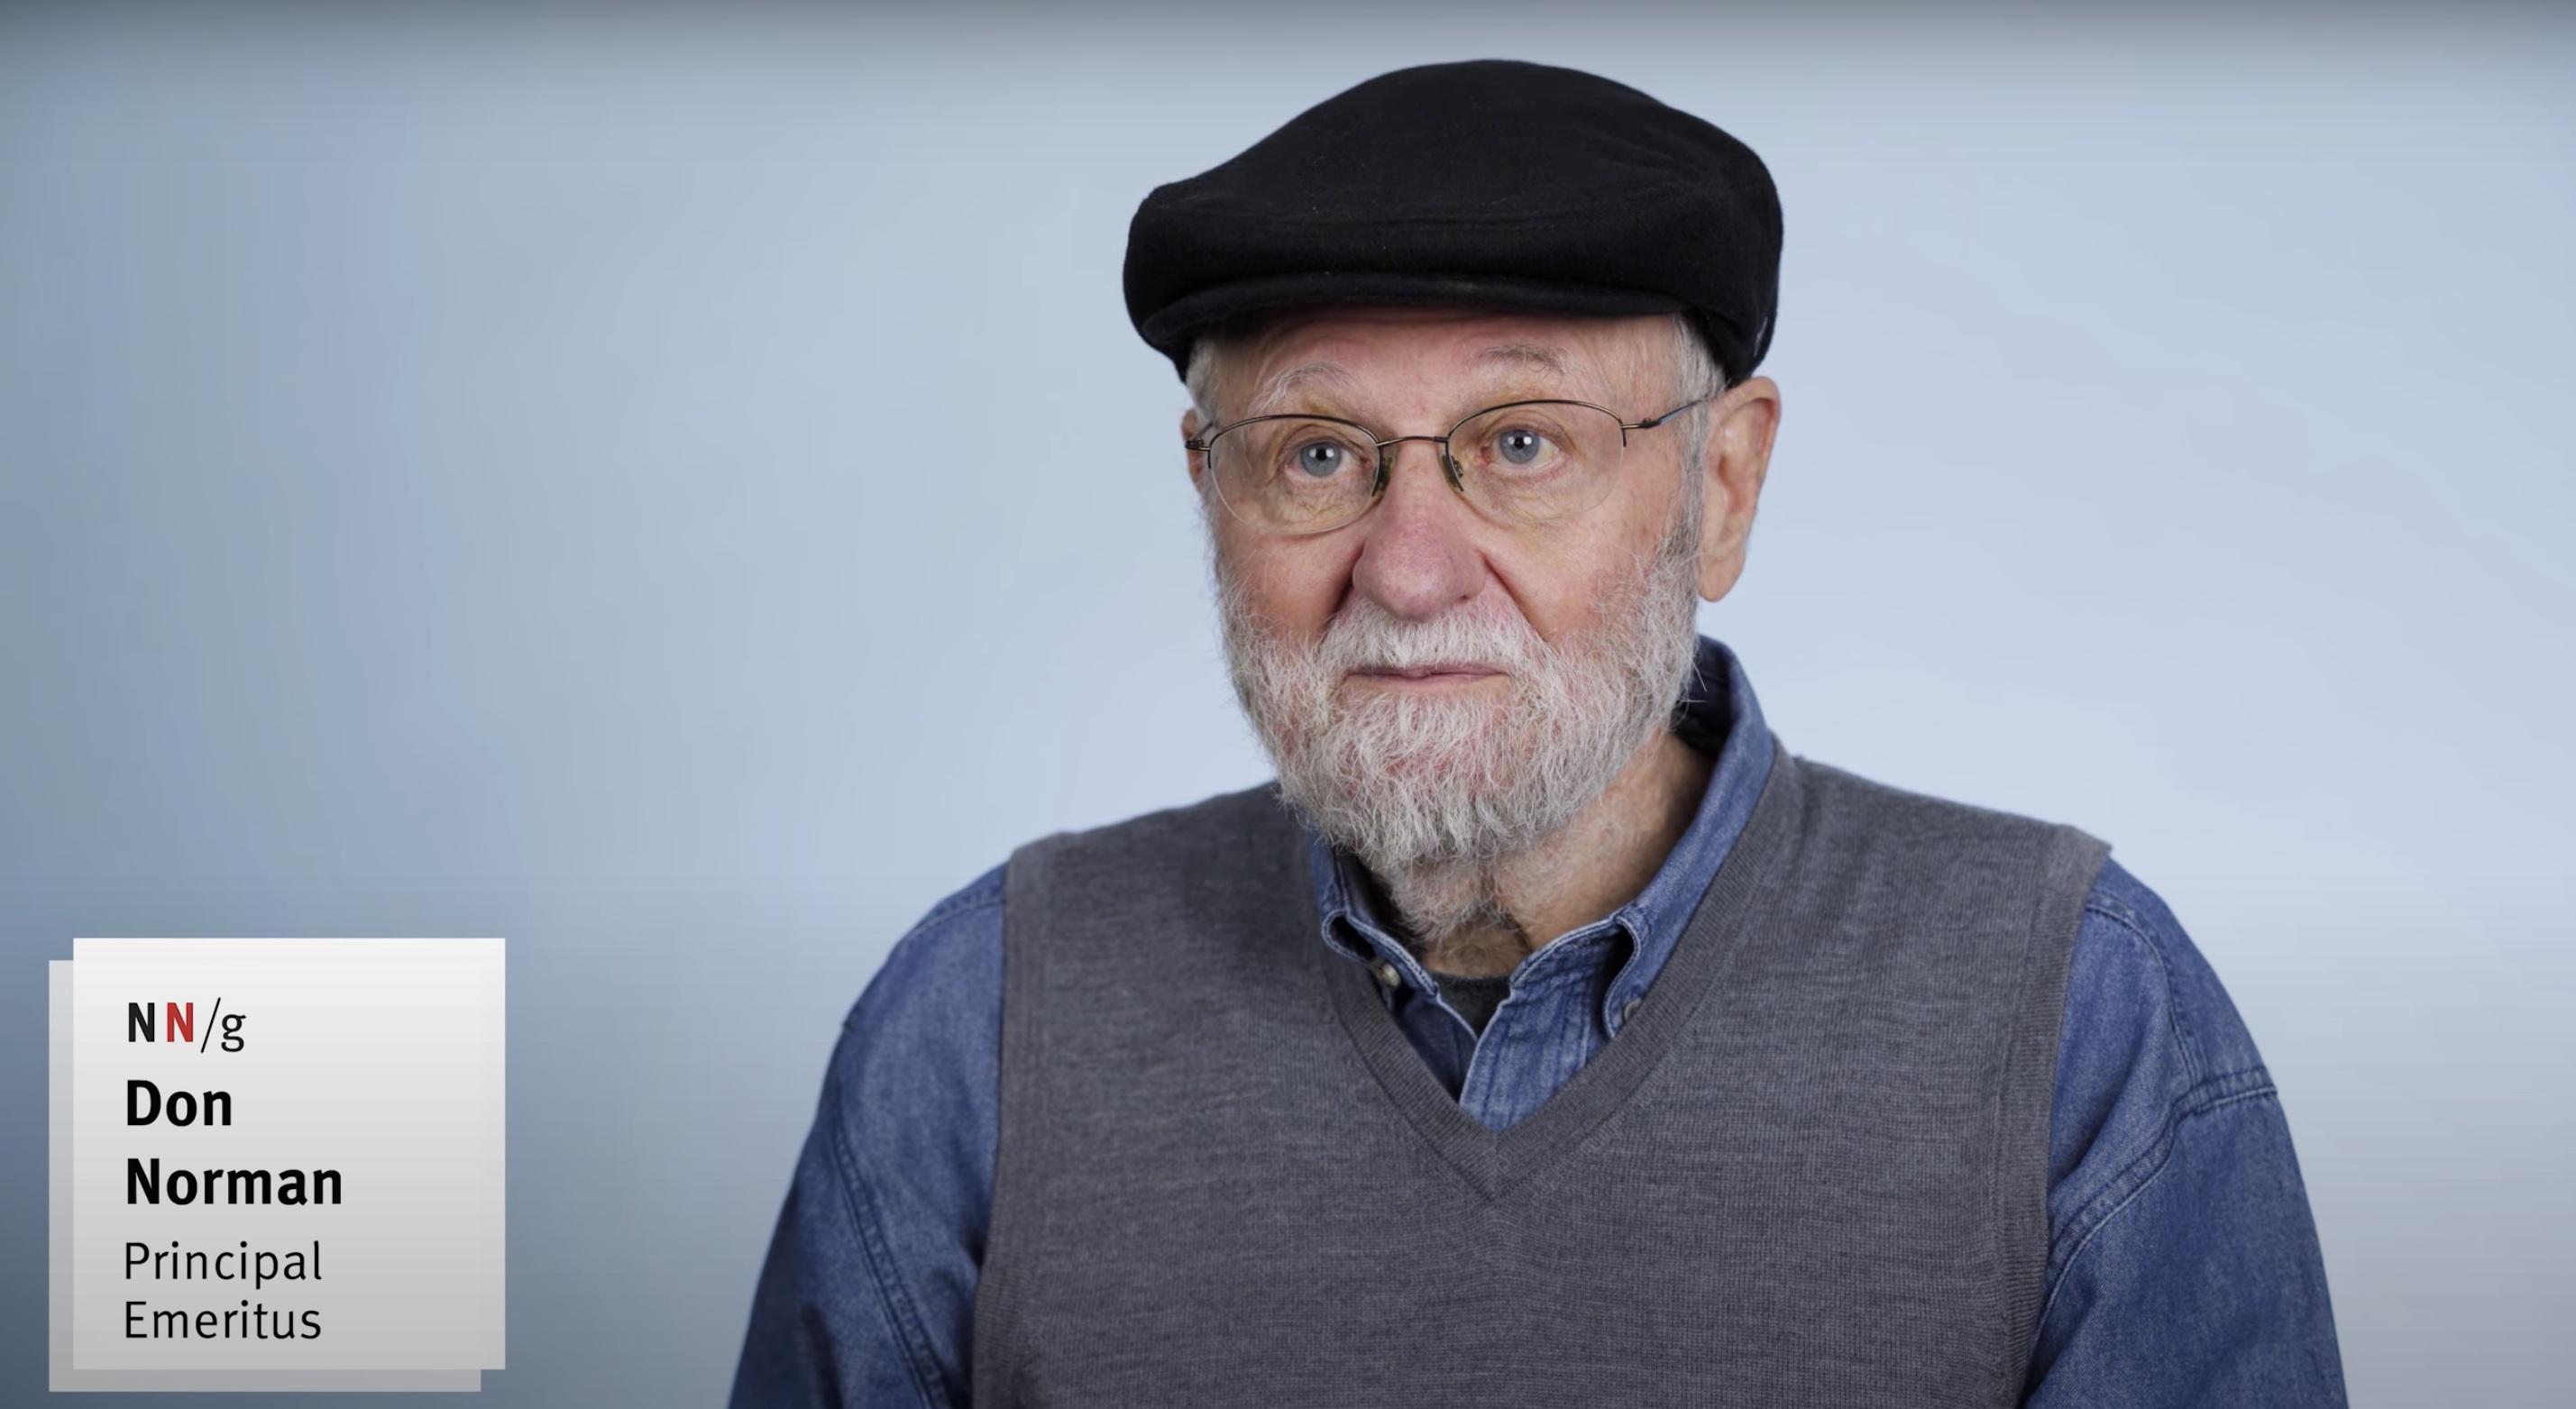 En sekvens fra artiklens video, der viser Don Norman tale.